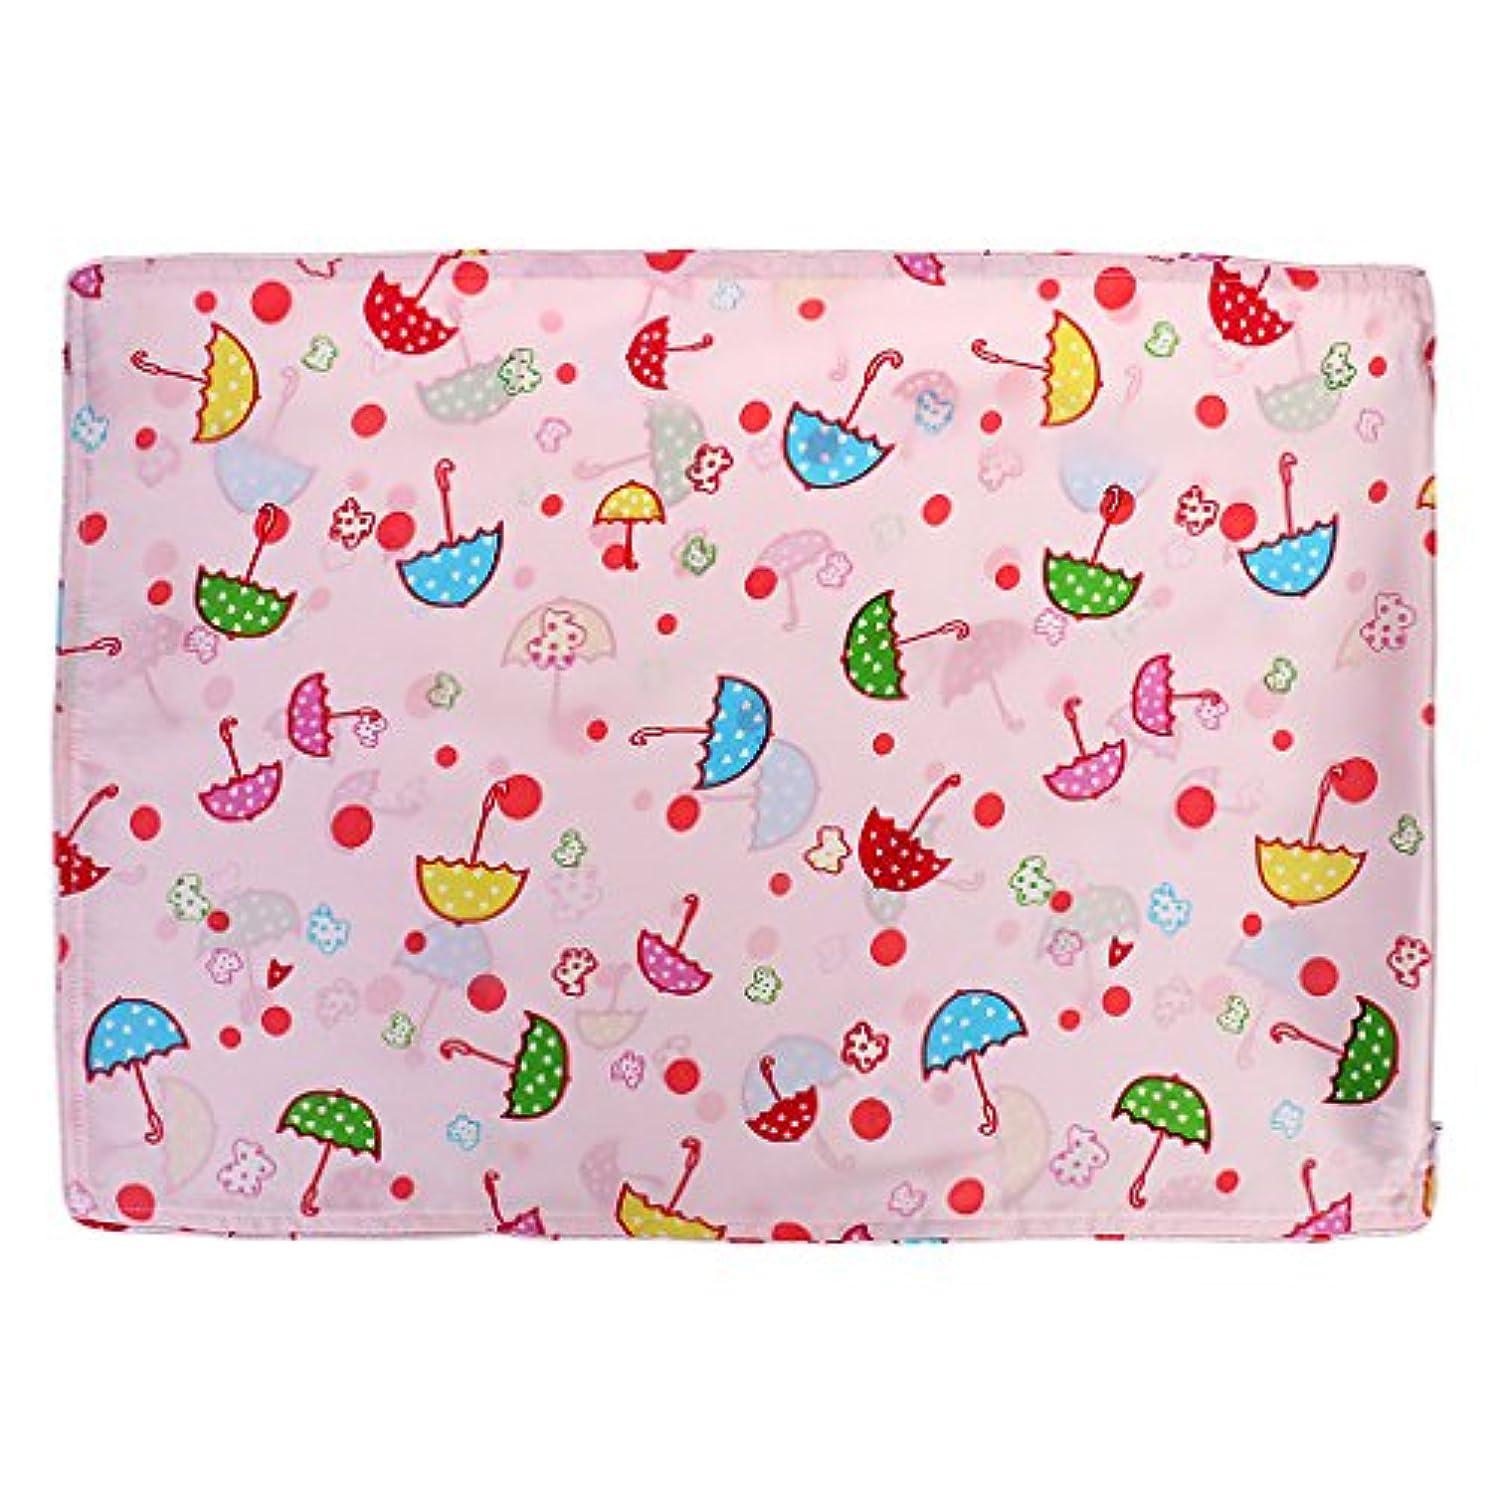 残忍な緑あえぎかわいい赤ちゃんキッズ100%シルクサテン両面枕カバー30 * 45センチメートル傘ピンク